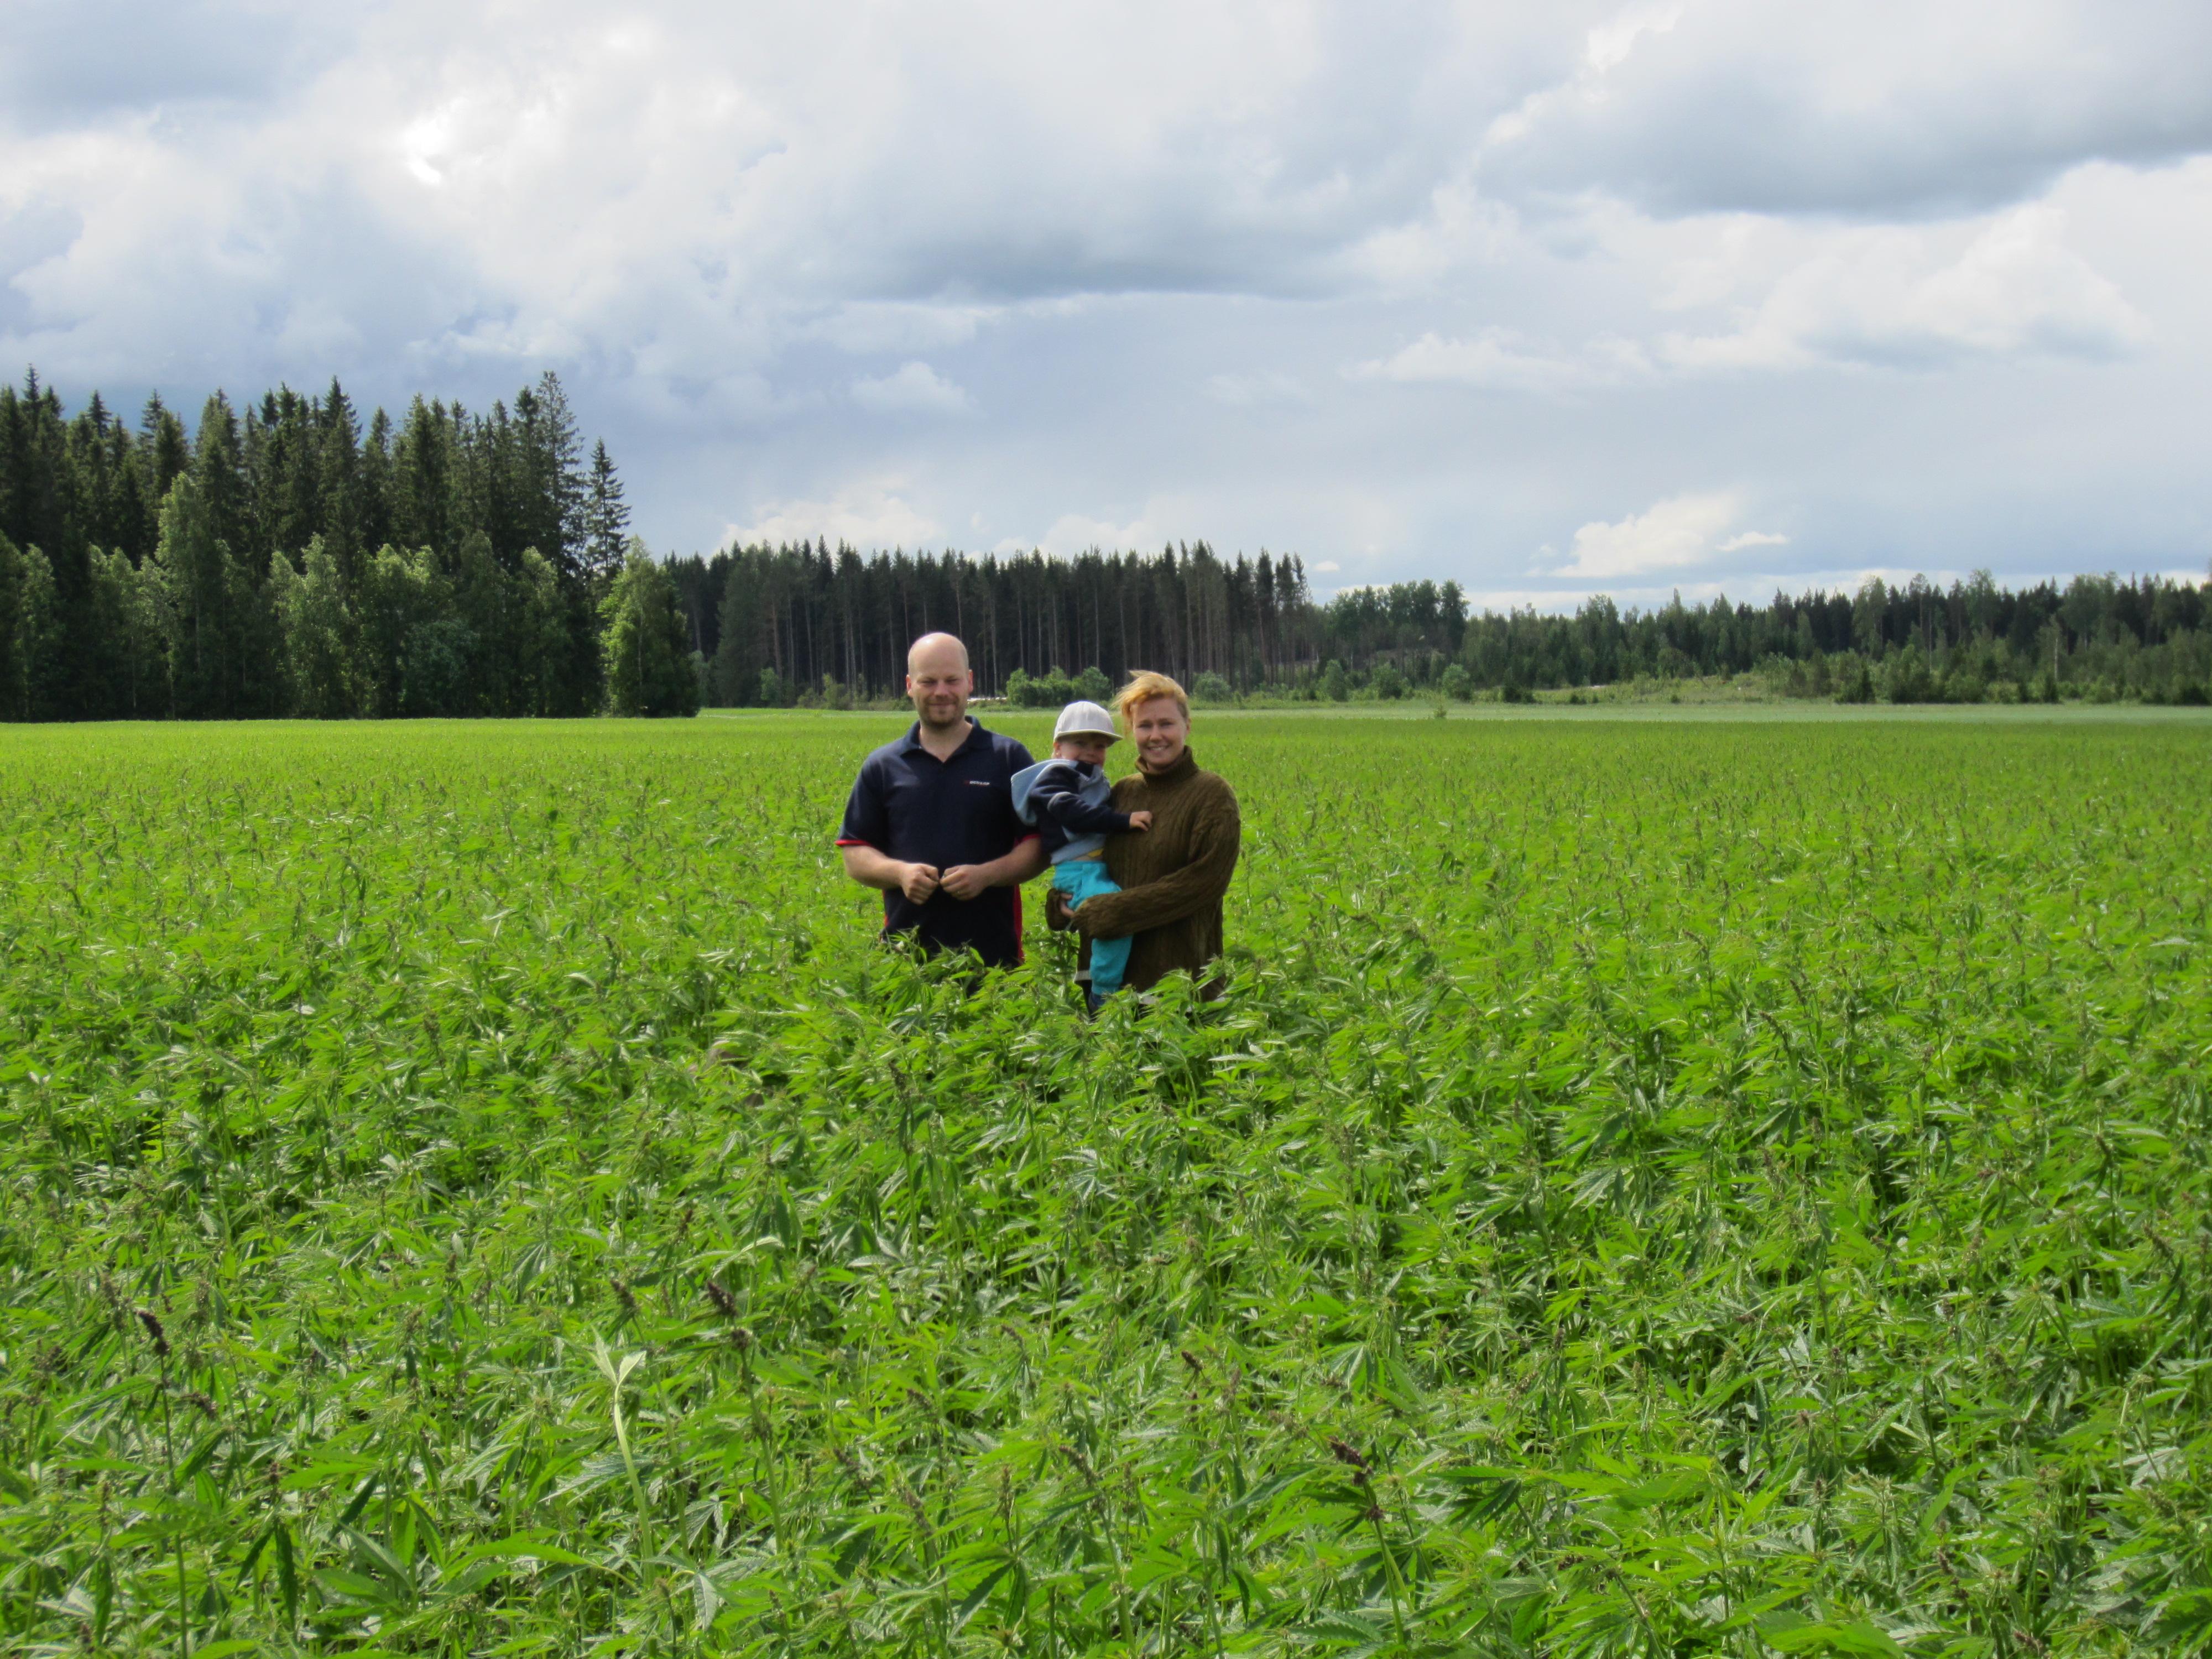 Ville, Elias ja Virve viljelevät Murtolan tilalla hampun lisäksi mm. ruista, ohraa ja rapsia, sekä tuottavat hunajaa.